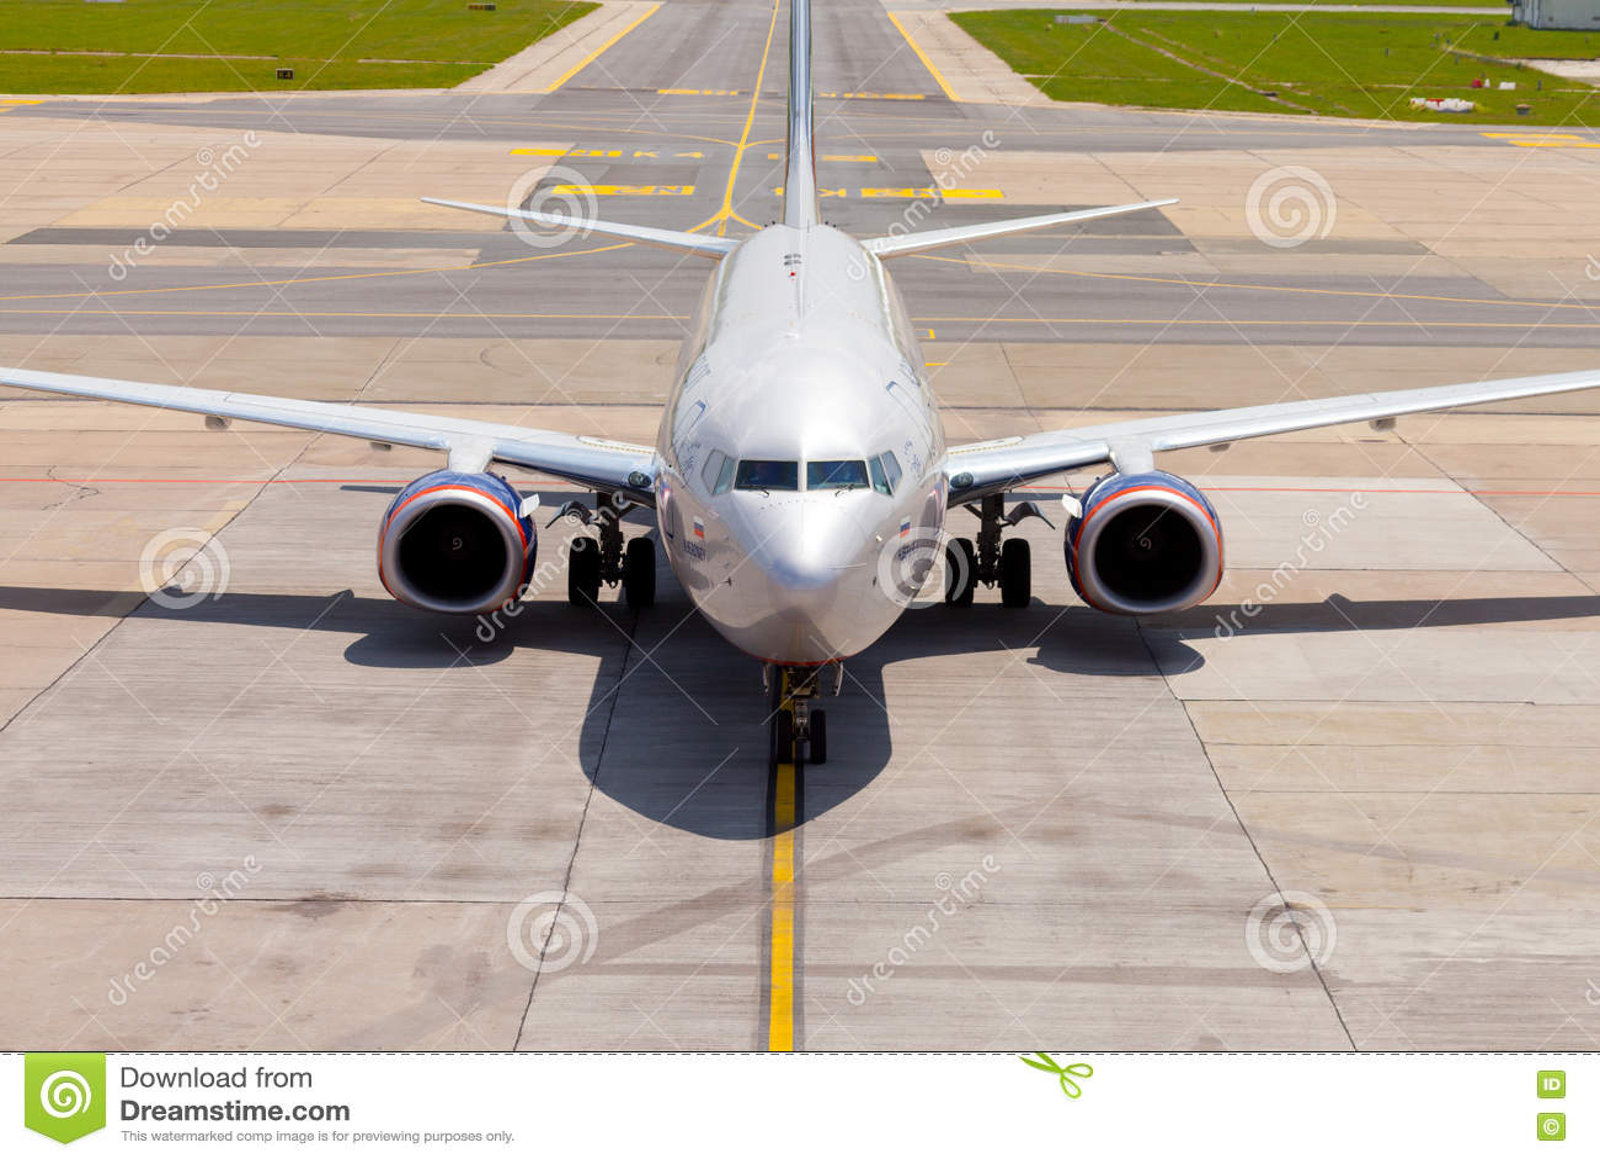 Aeroflot - Rosyjskie linie lotnicze Boeing 737-8LJ